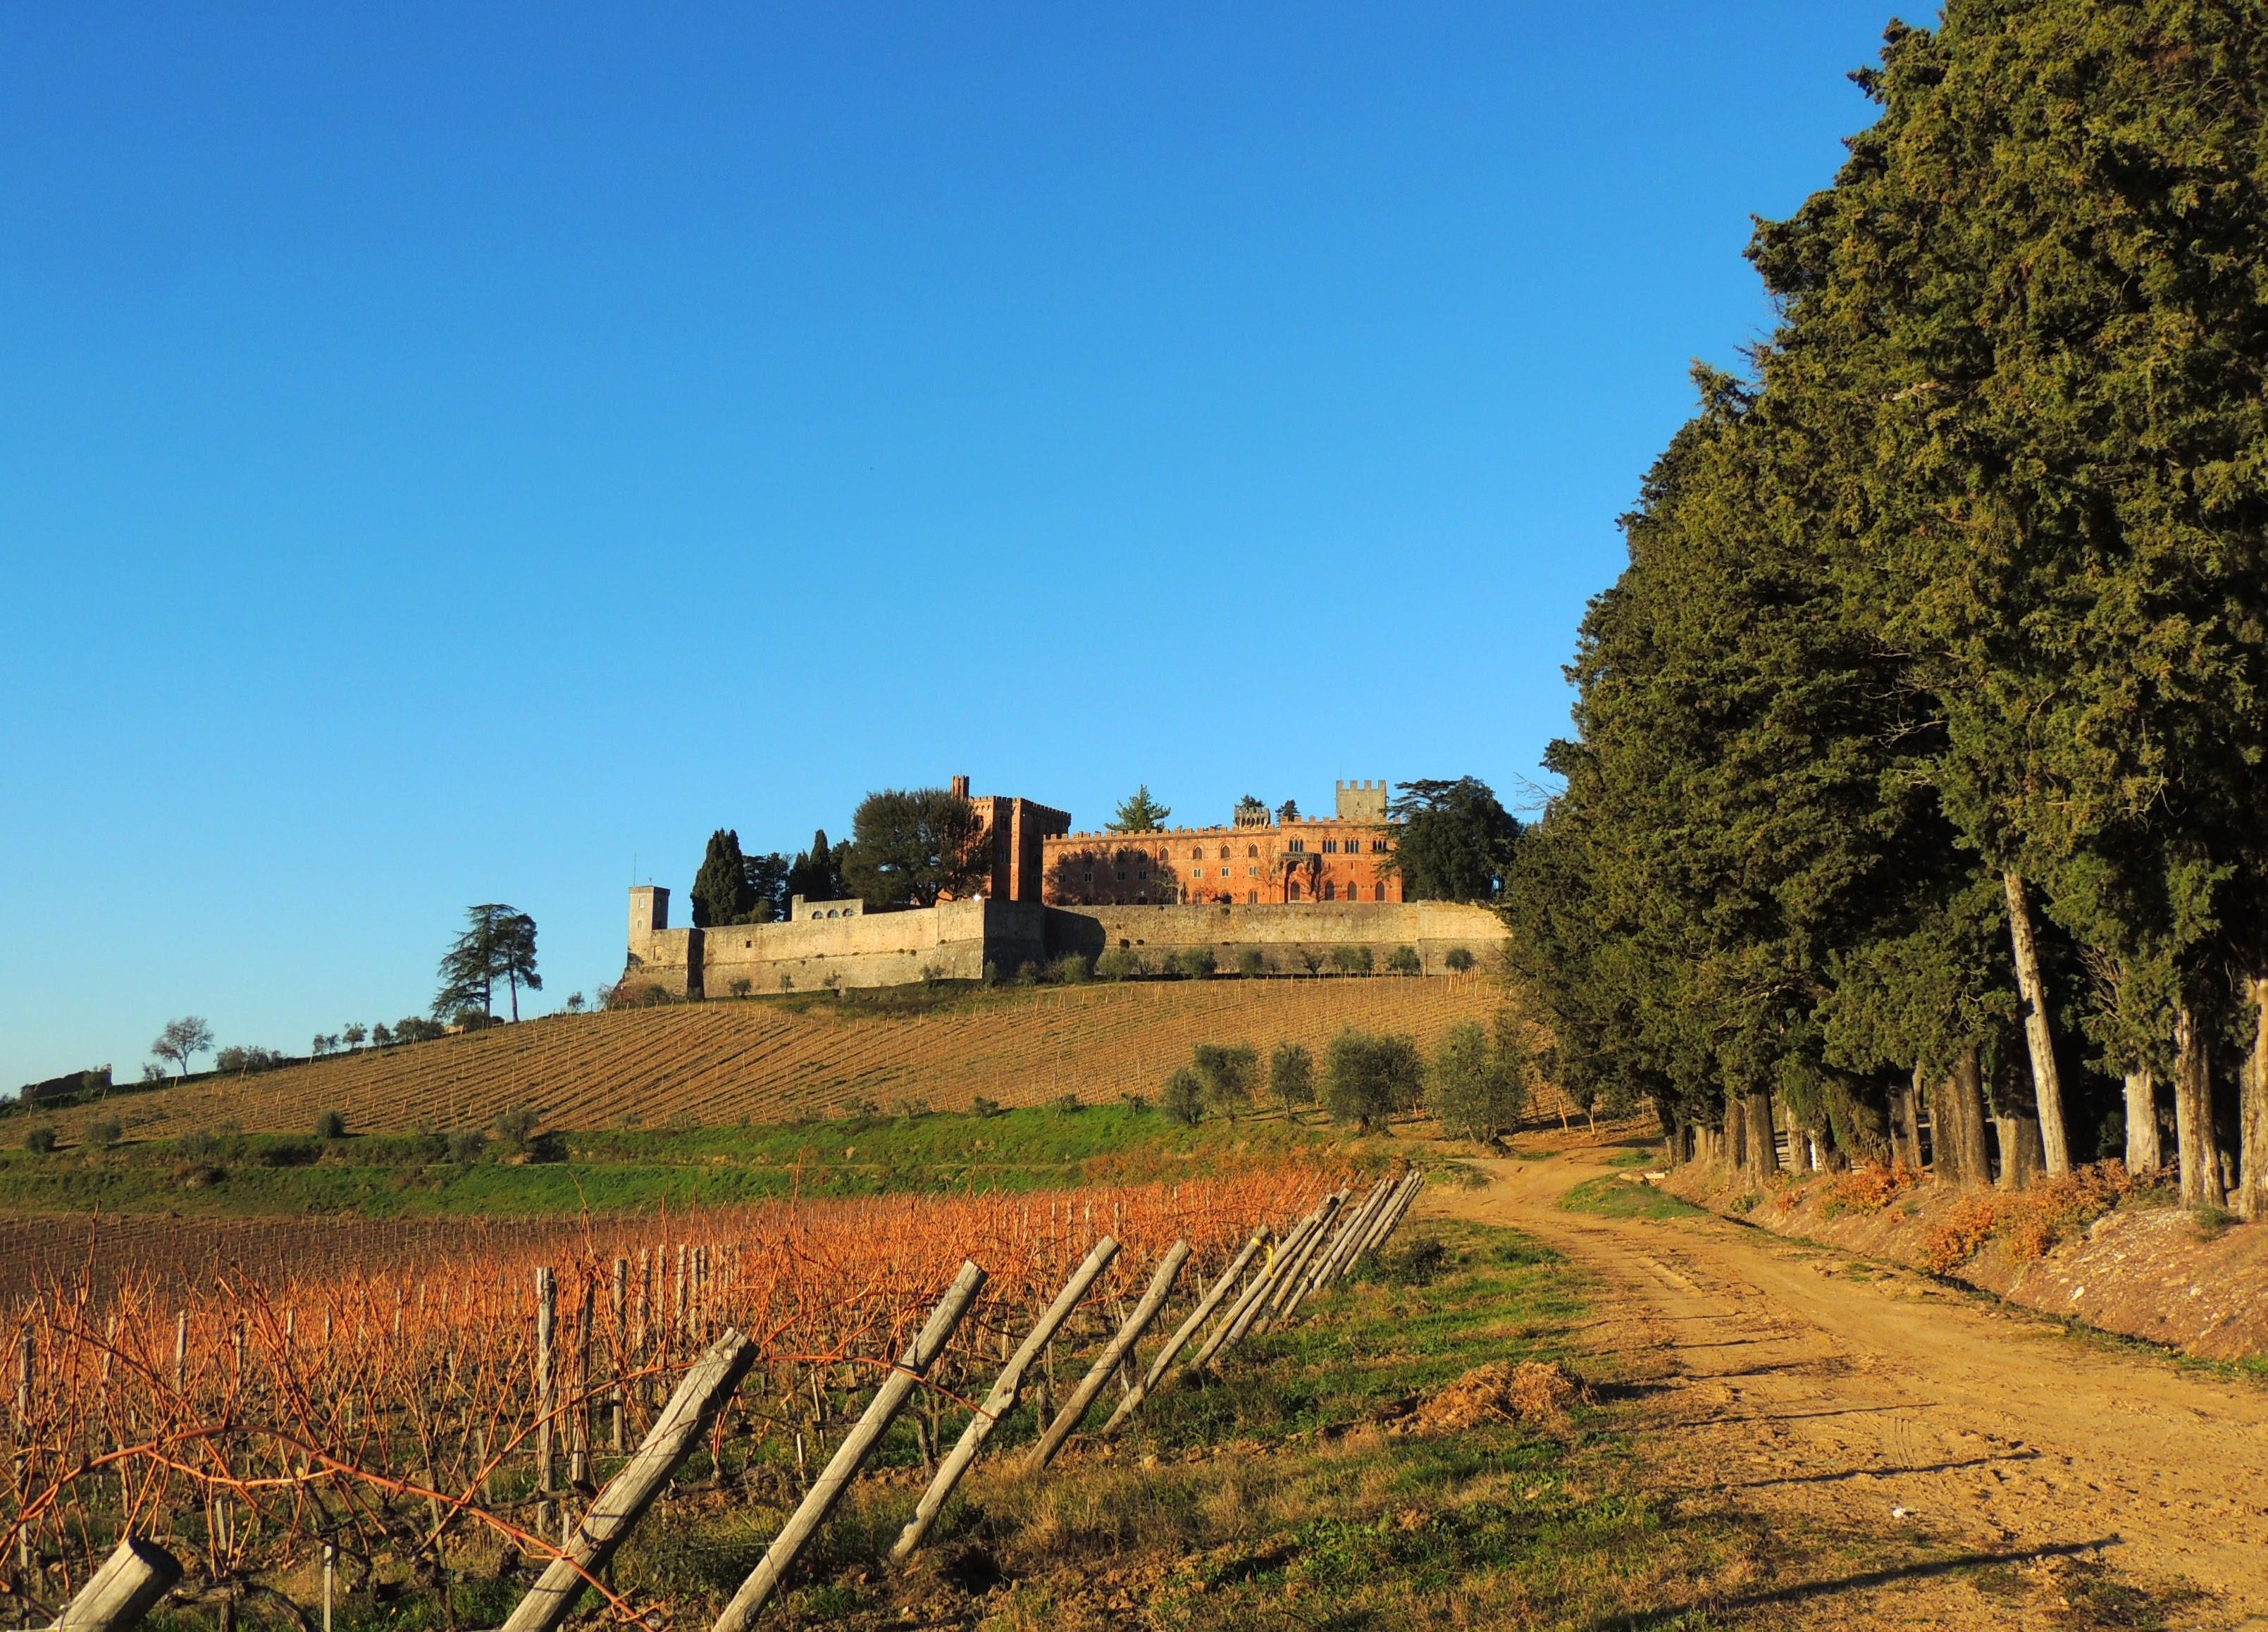 Castello Brolio